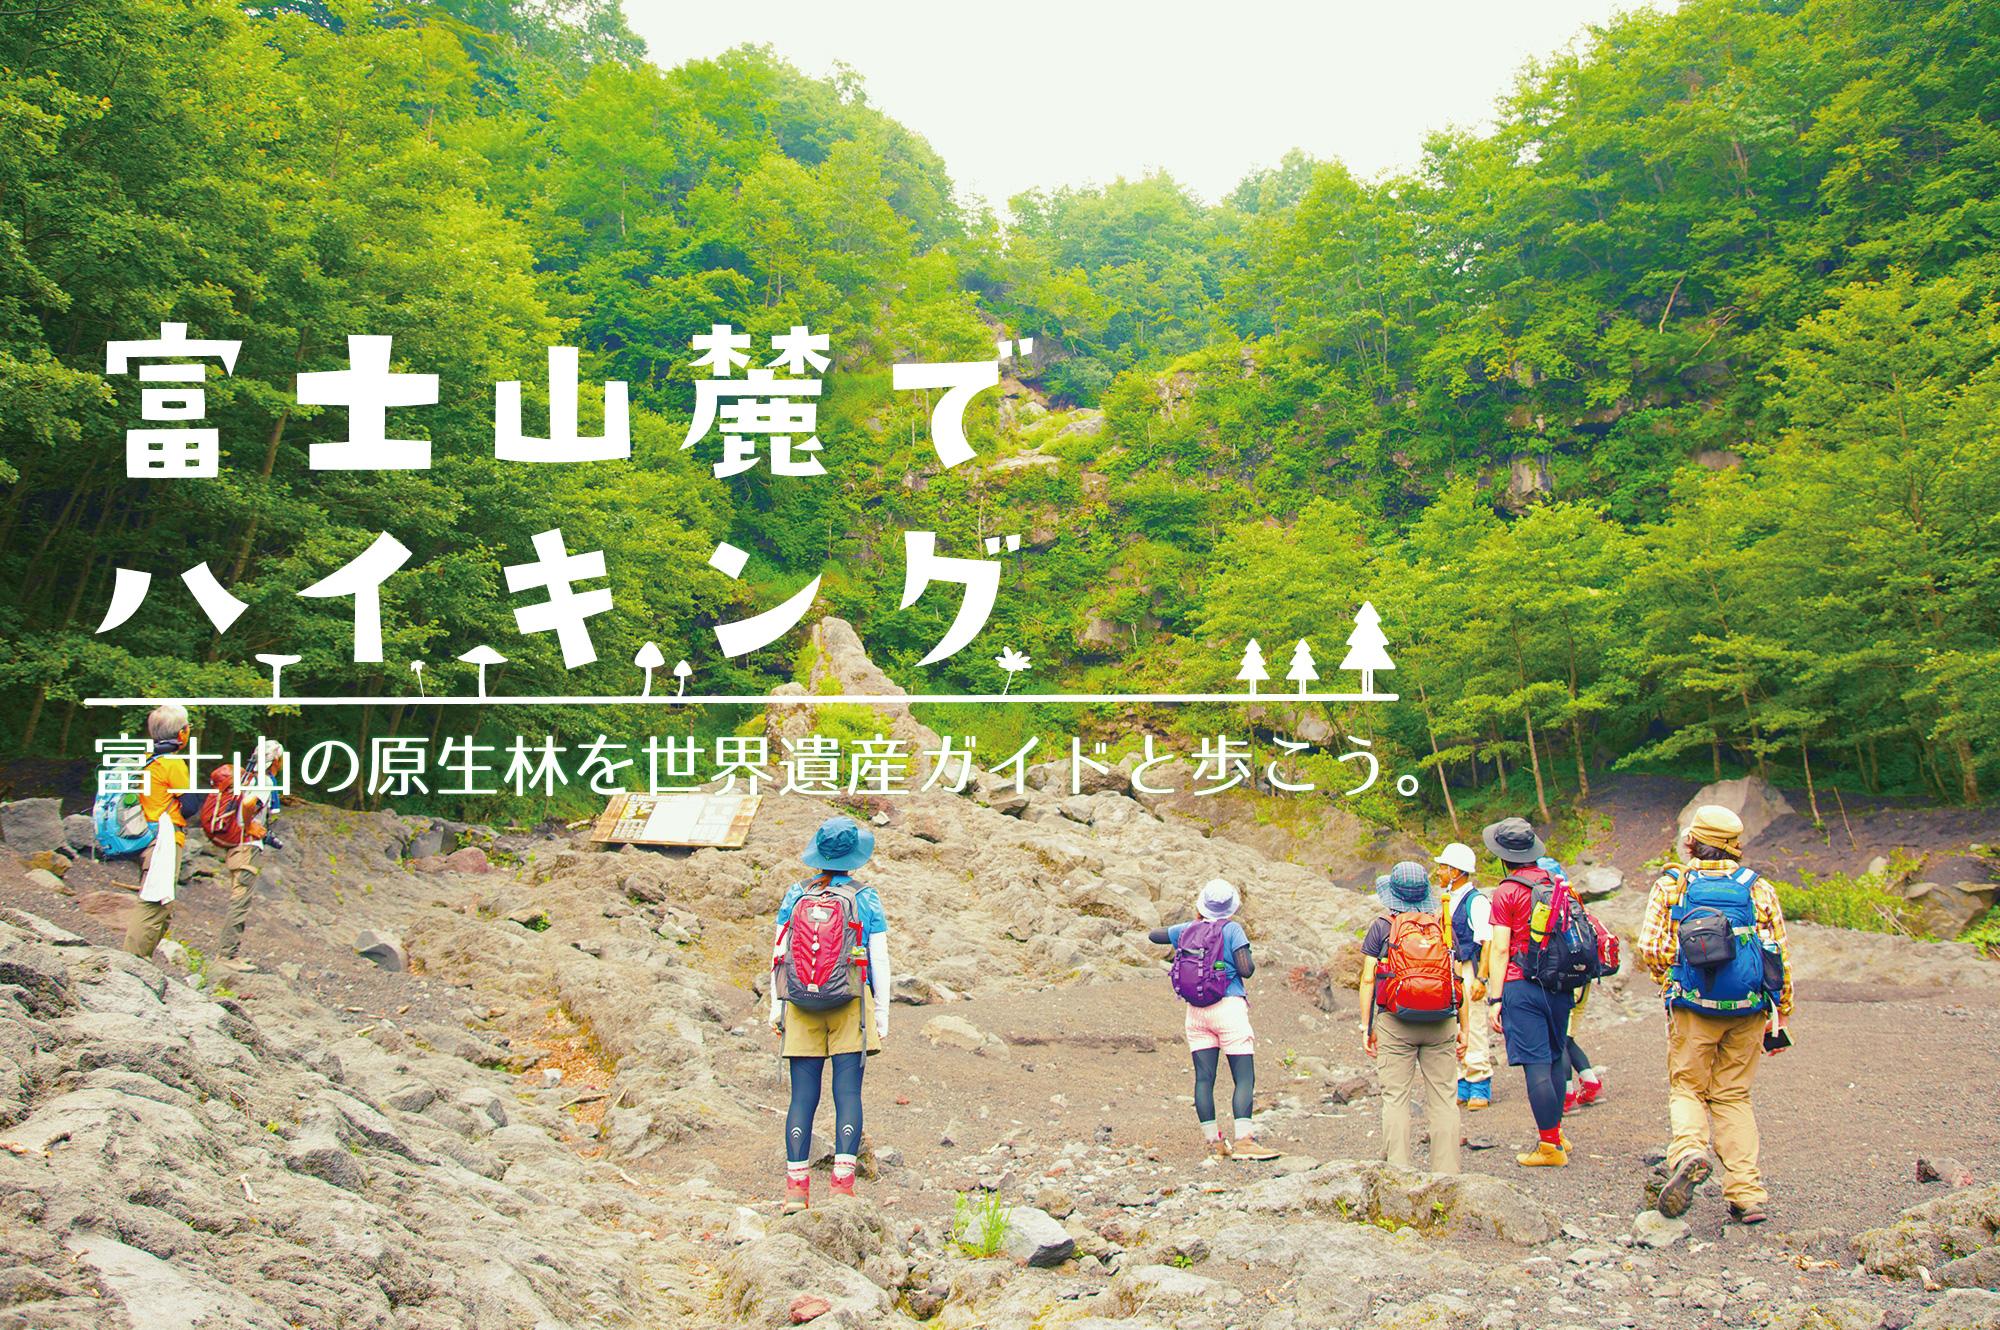 富士山麓でハイキング 富士山の原生林を世界遺産ガイドと歩こう。